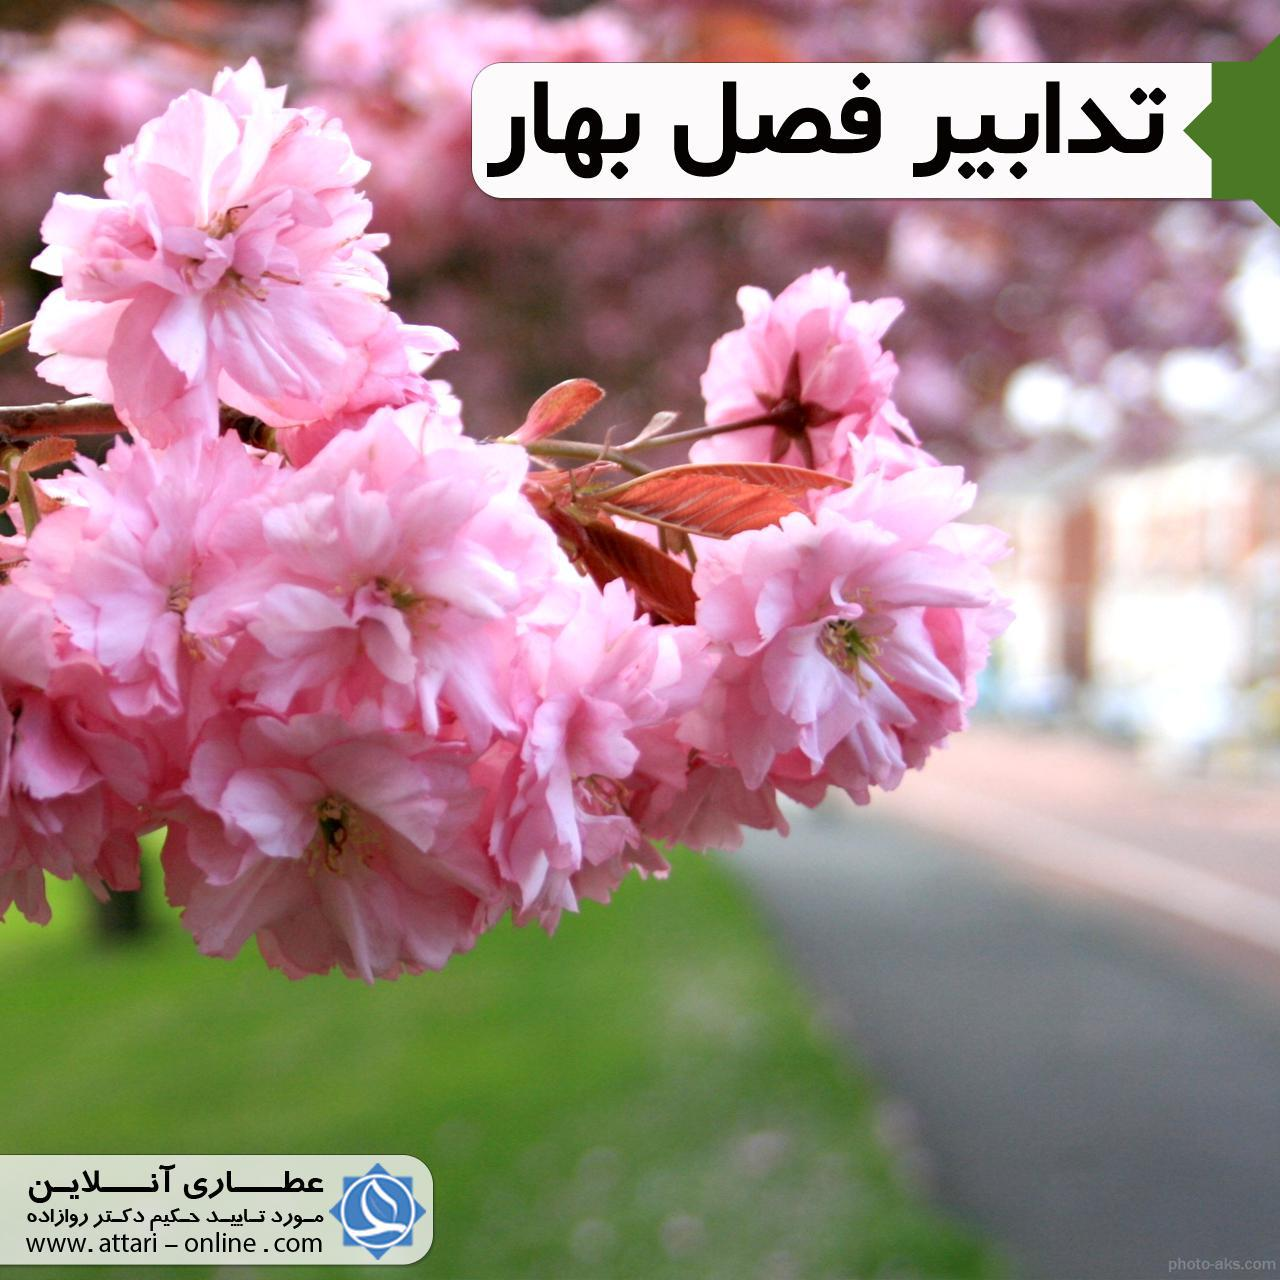 ک بهار فصل پاکسازی اخلاط فاسد